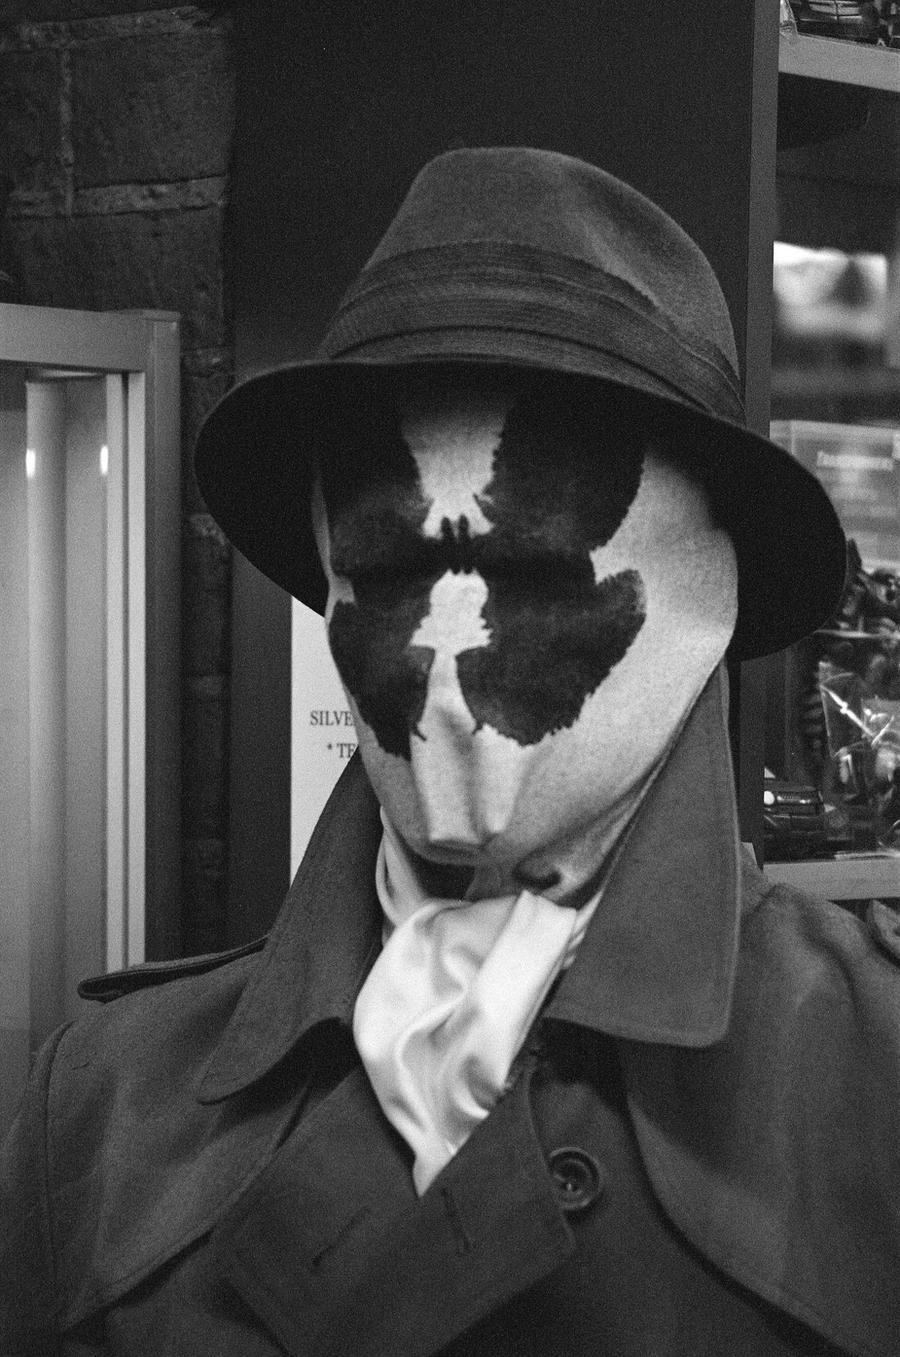 Rorschach by Neville6000